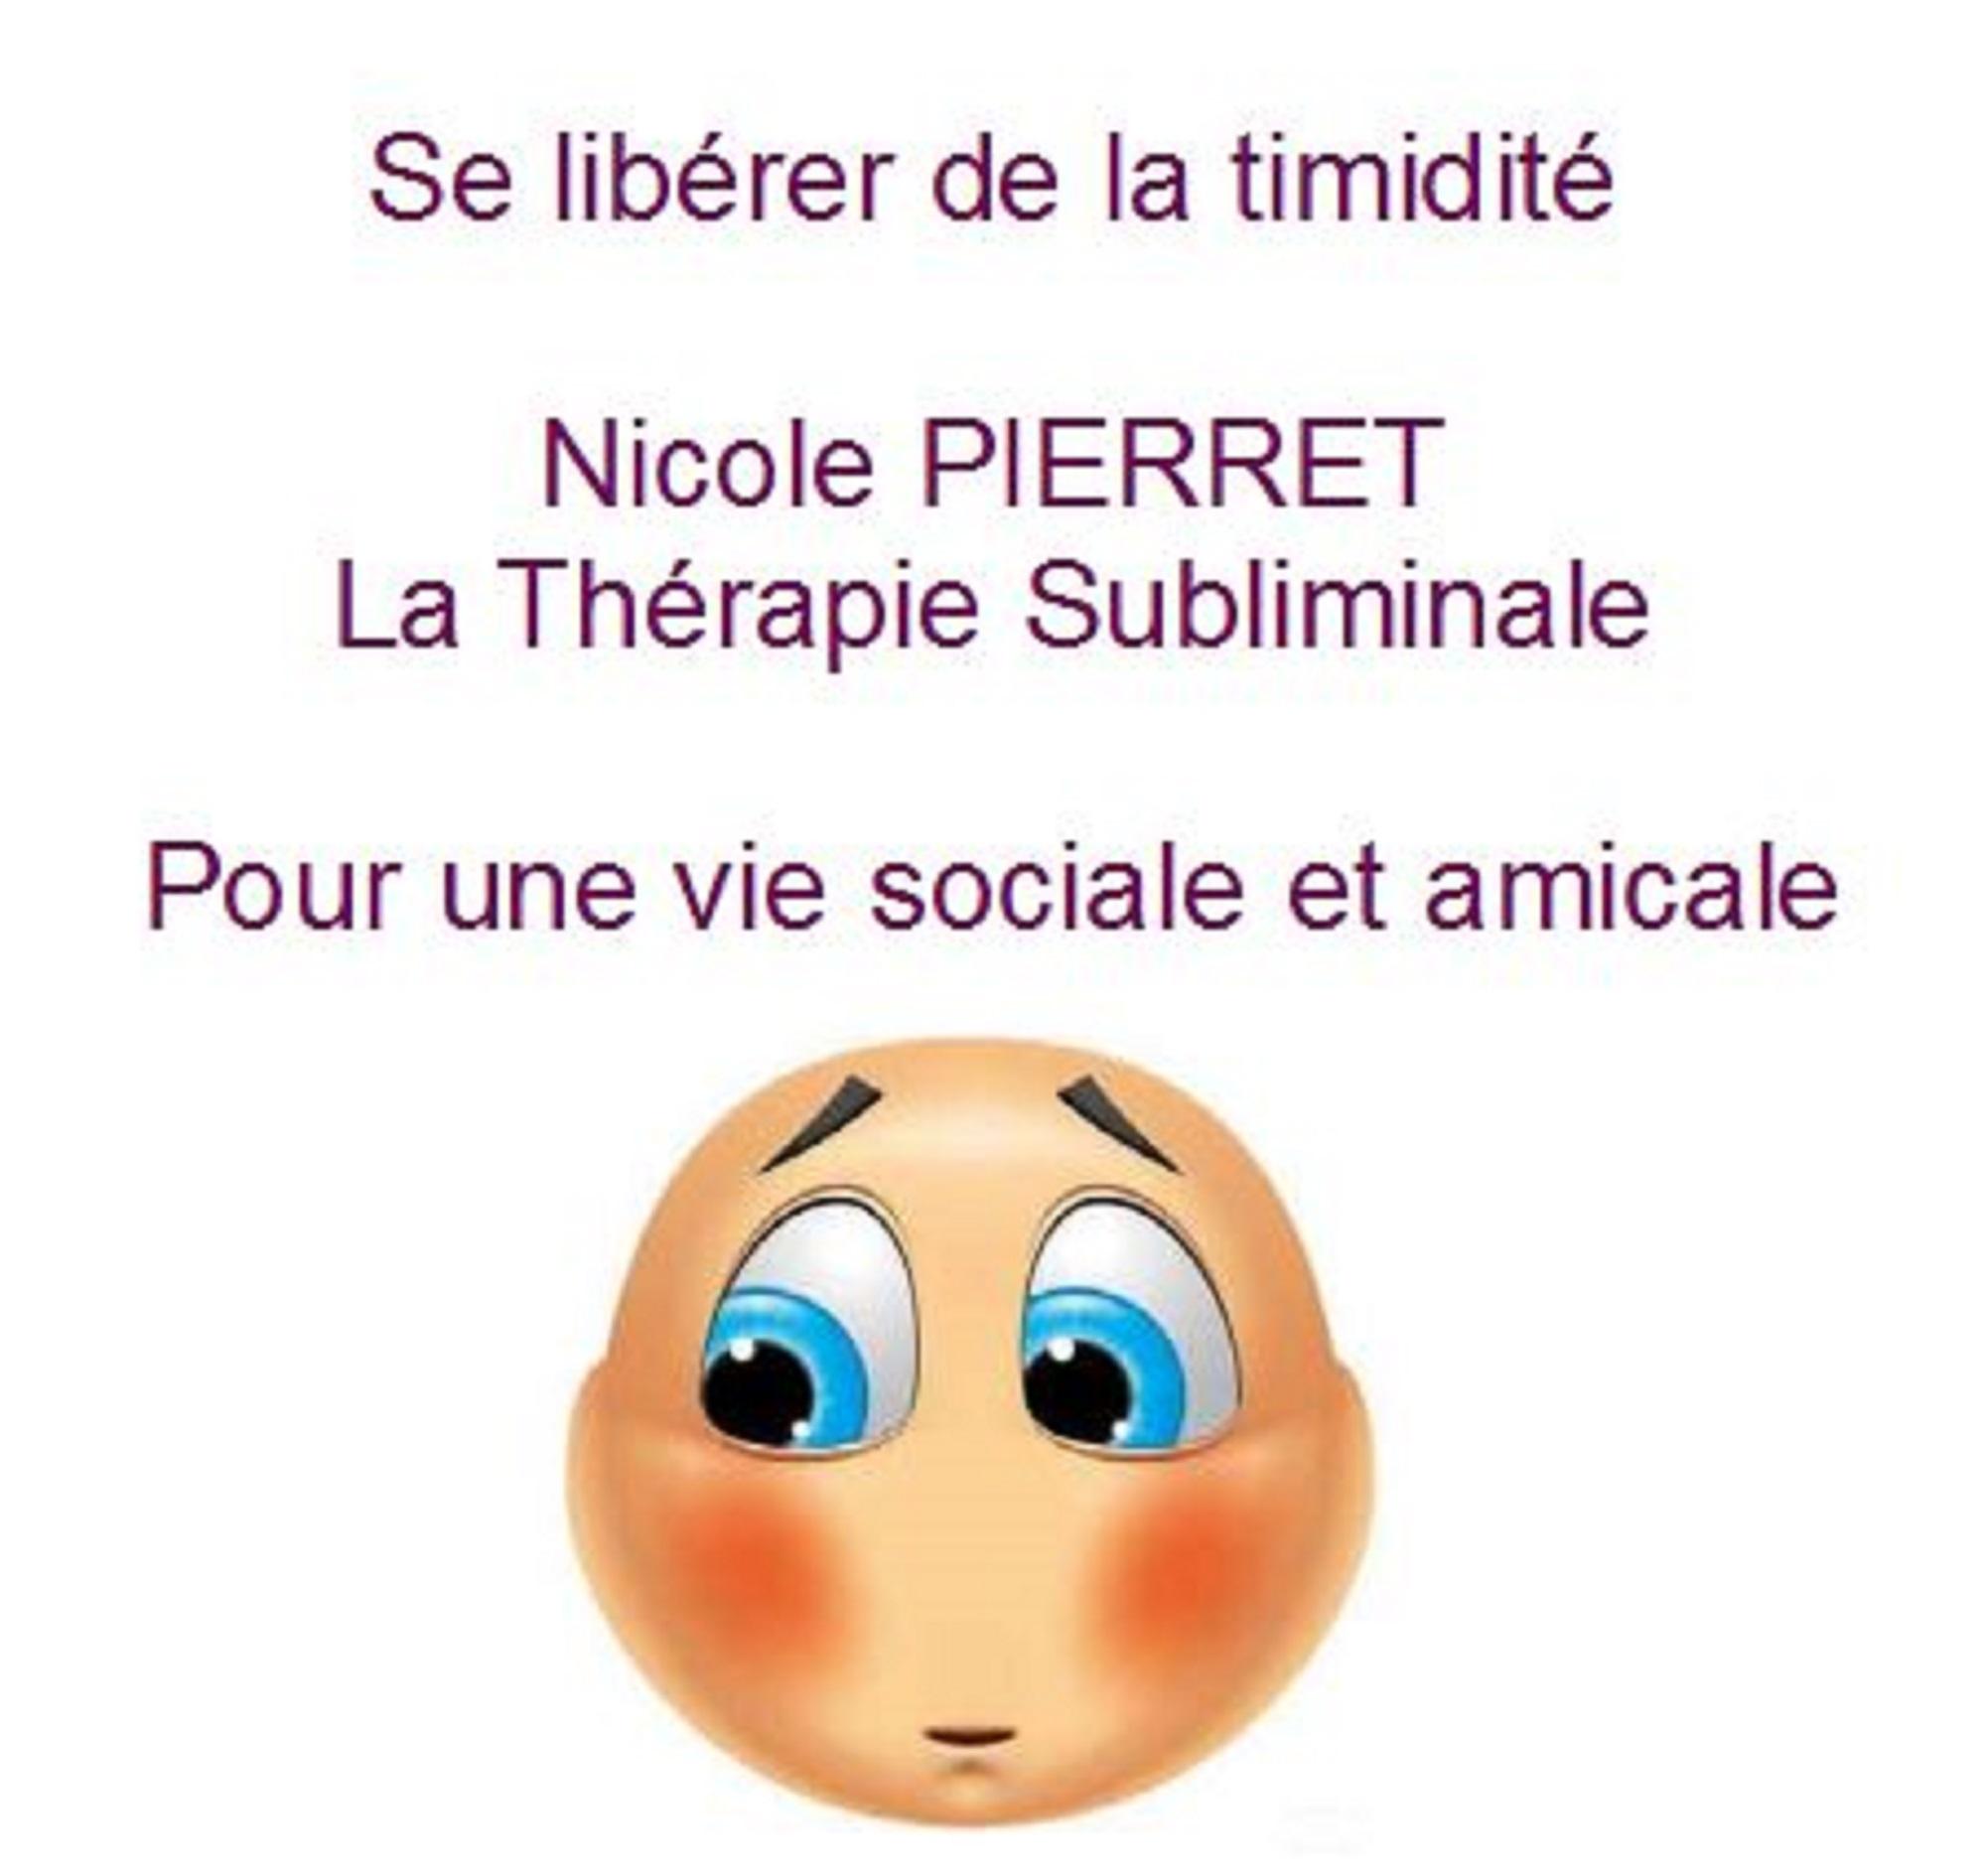 se libérer de la timidité la thérapie subliminale nicole pierret.JPG